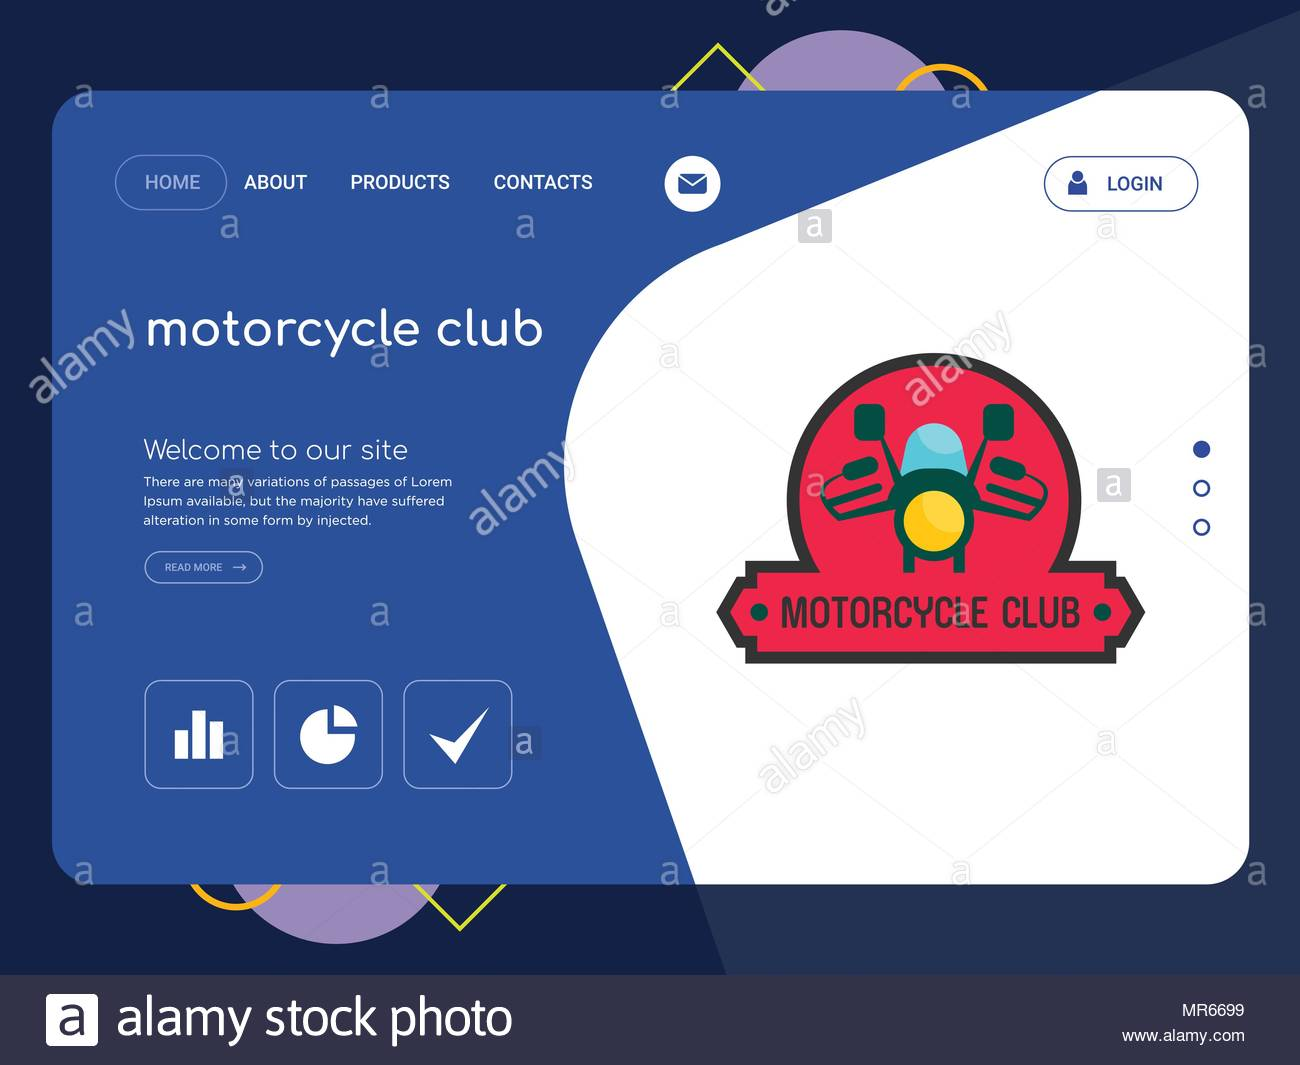 Motorcycle Club Website Template